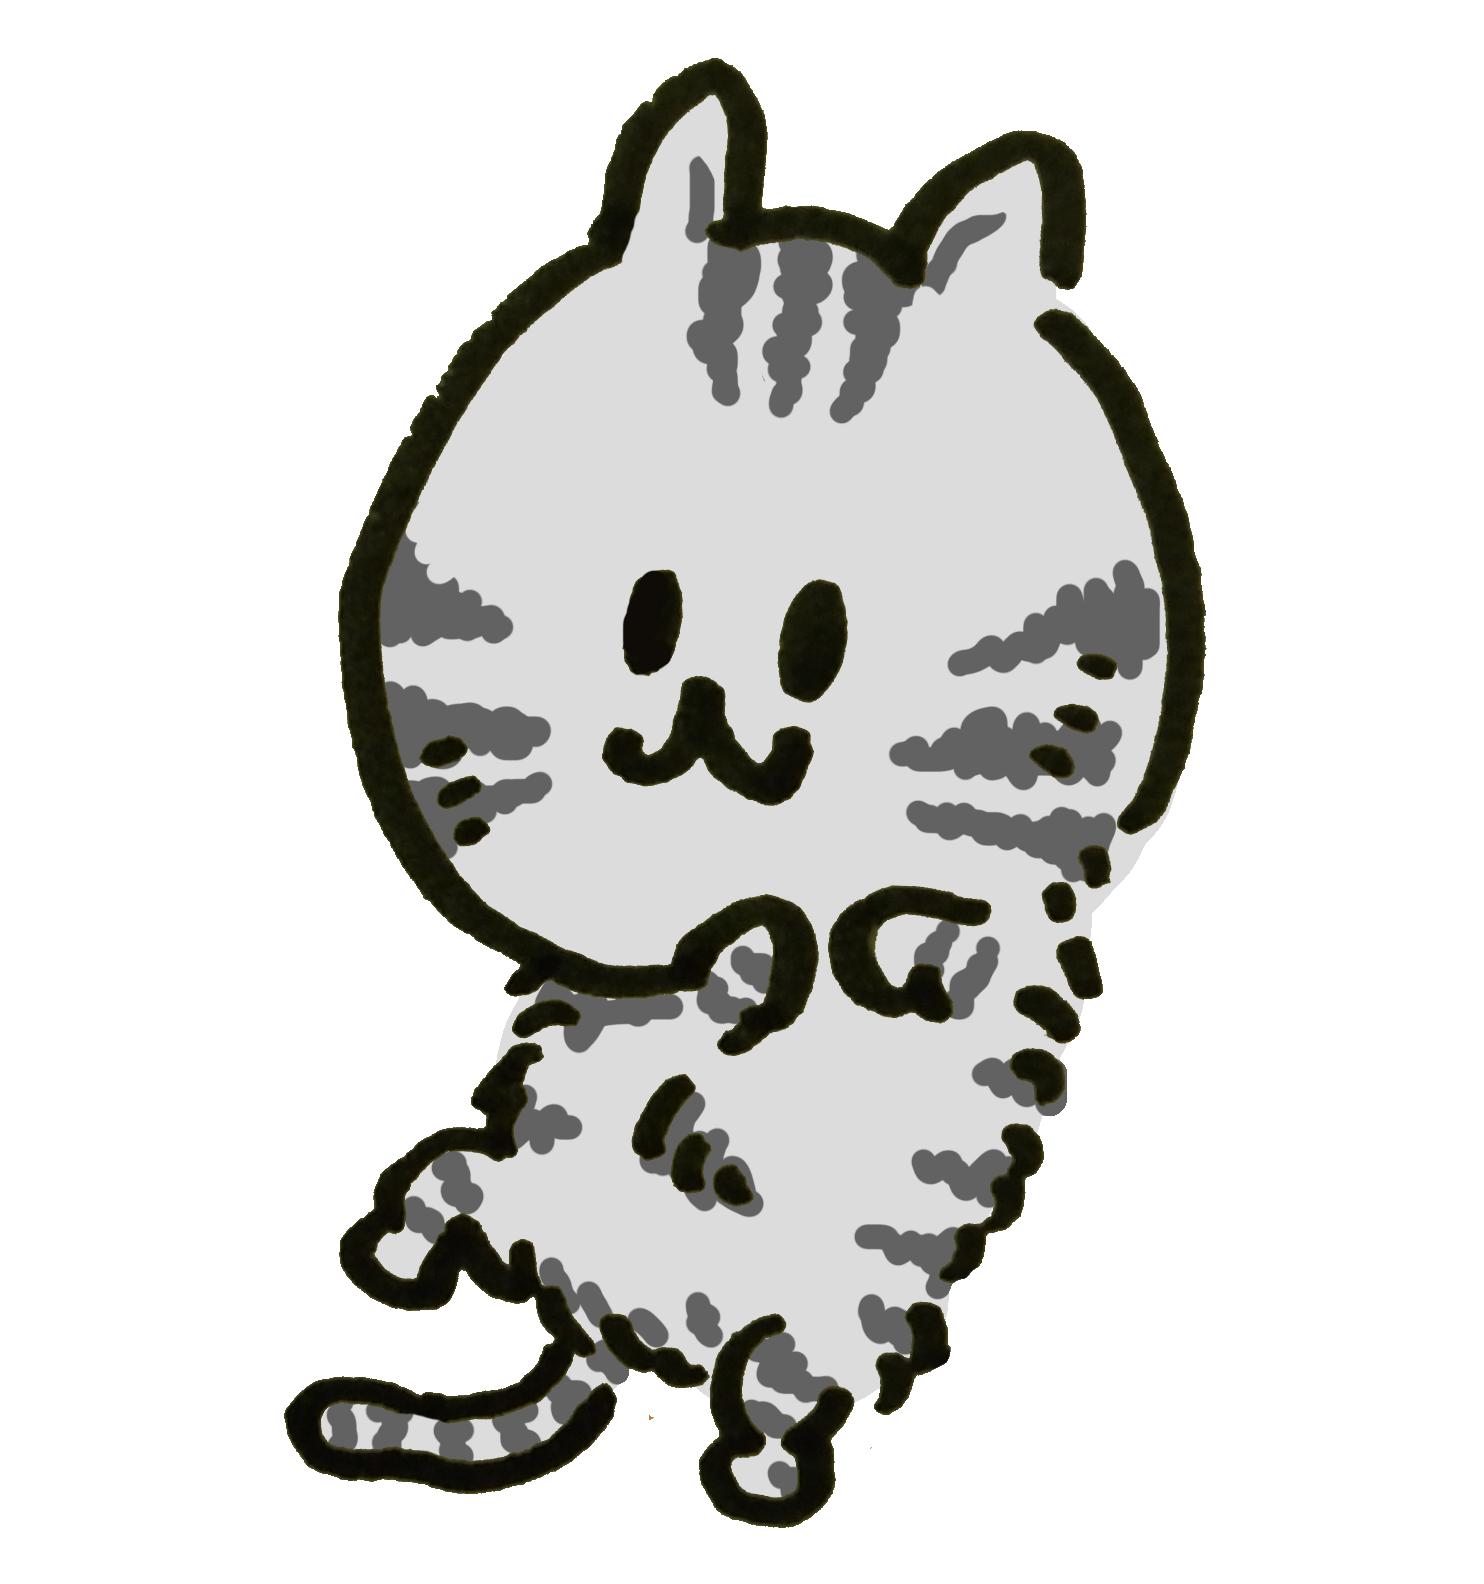 さあ腹をなでてもいいんだよと待つアメショー猫のイラスト